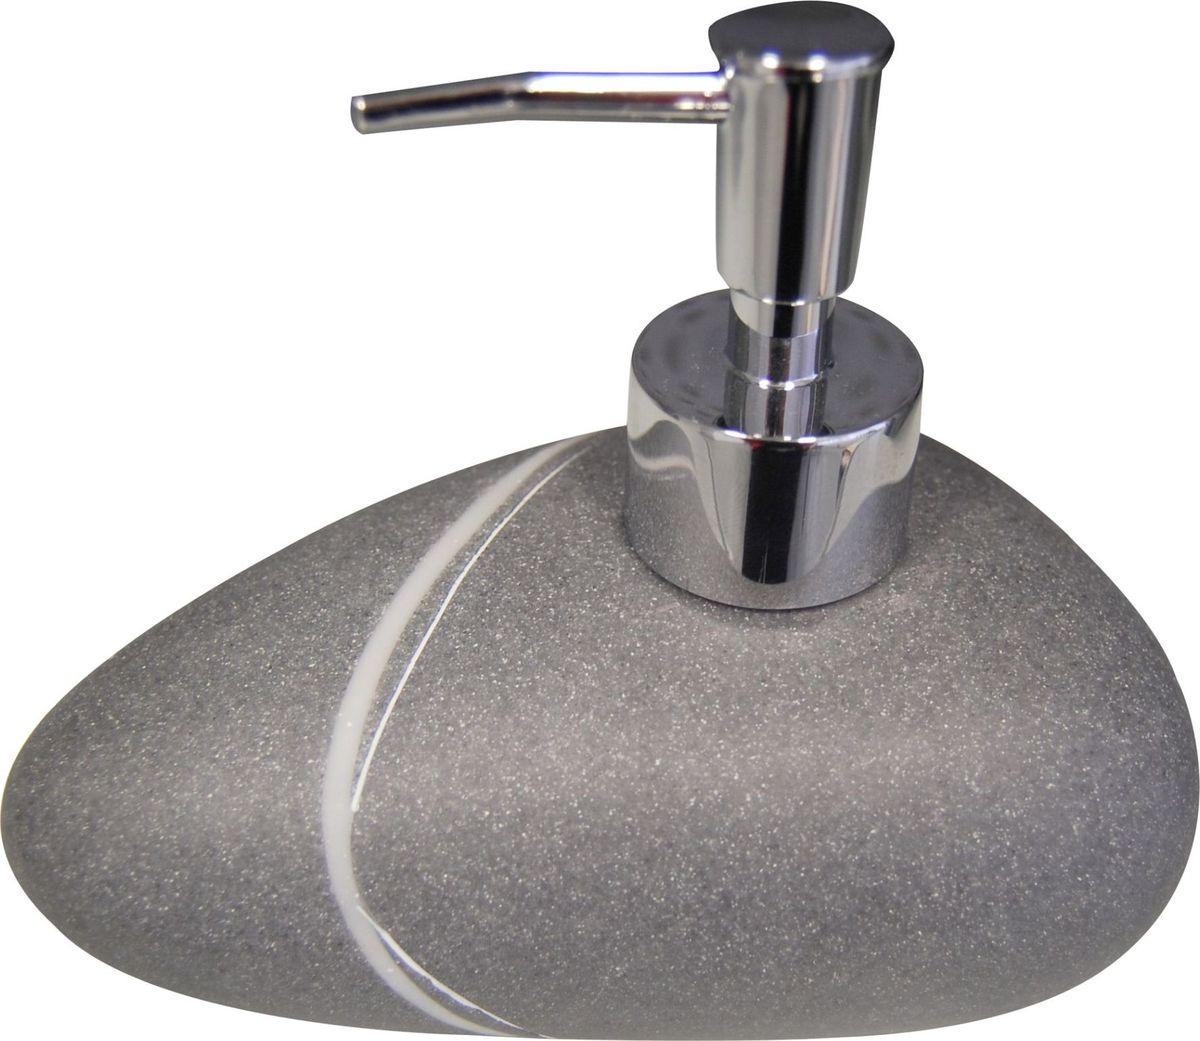 Дозатор для жидкого мыла Ridder Little Rock, цвет: серыйEDISB10i49Изделия данной серии устойчивы к ультрафиолету, т.к. изготавливаются из полирезины.Экологичная полирезина - это твердый многокомпонентный материал на основе синтетической смолы,с добавлением каменной крошки и красящих пигментов. Объем: 200 мл.